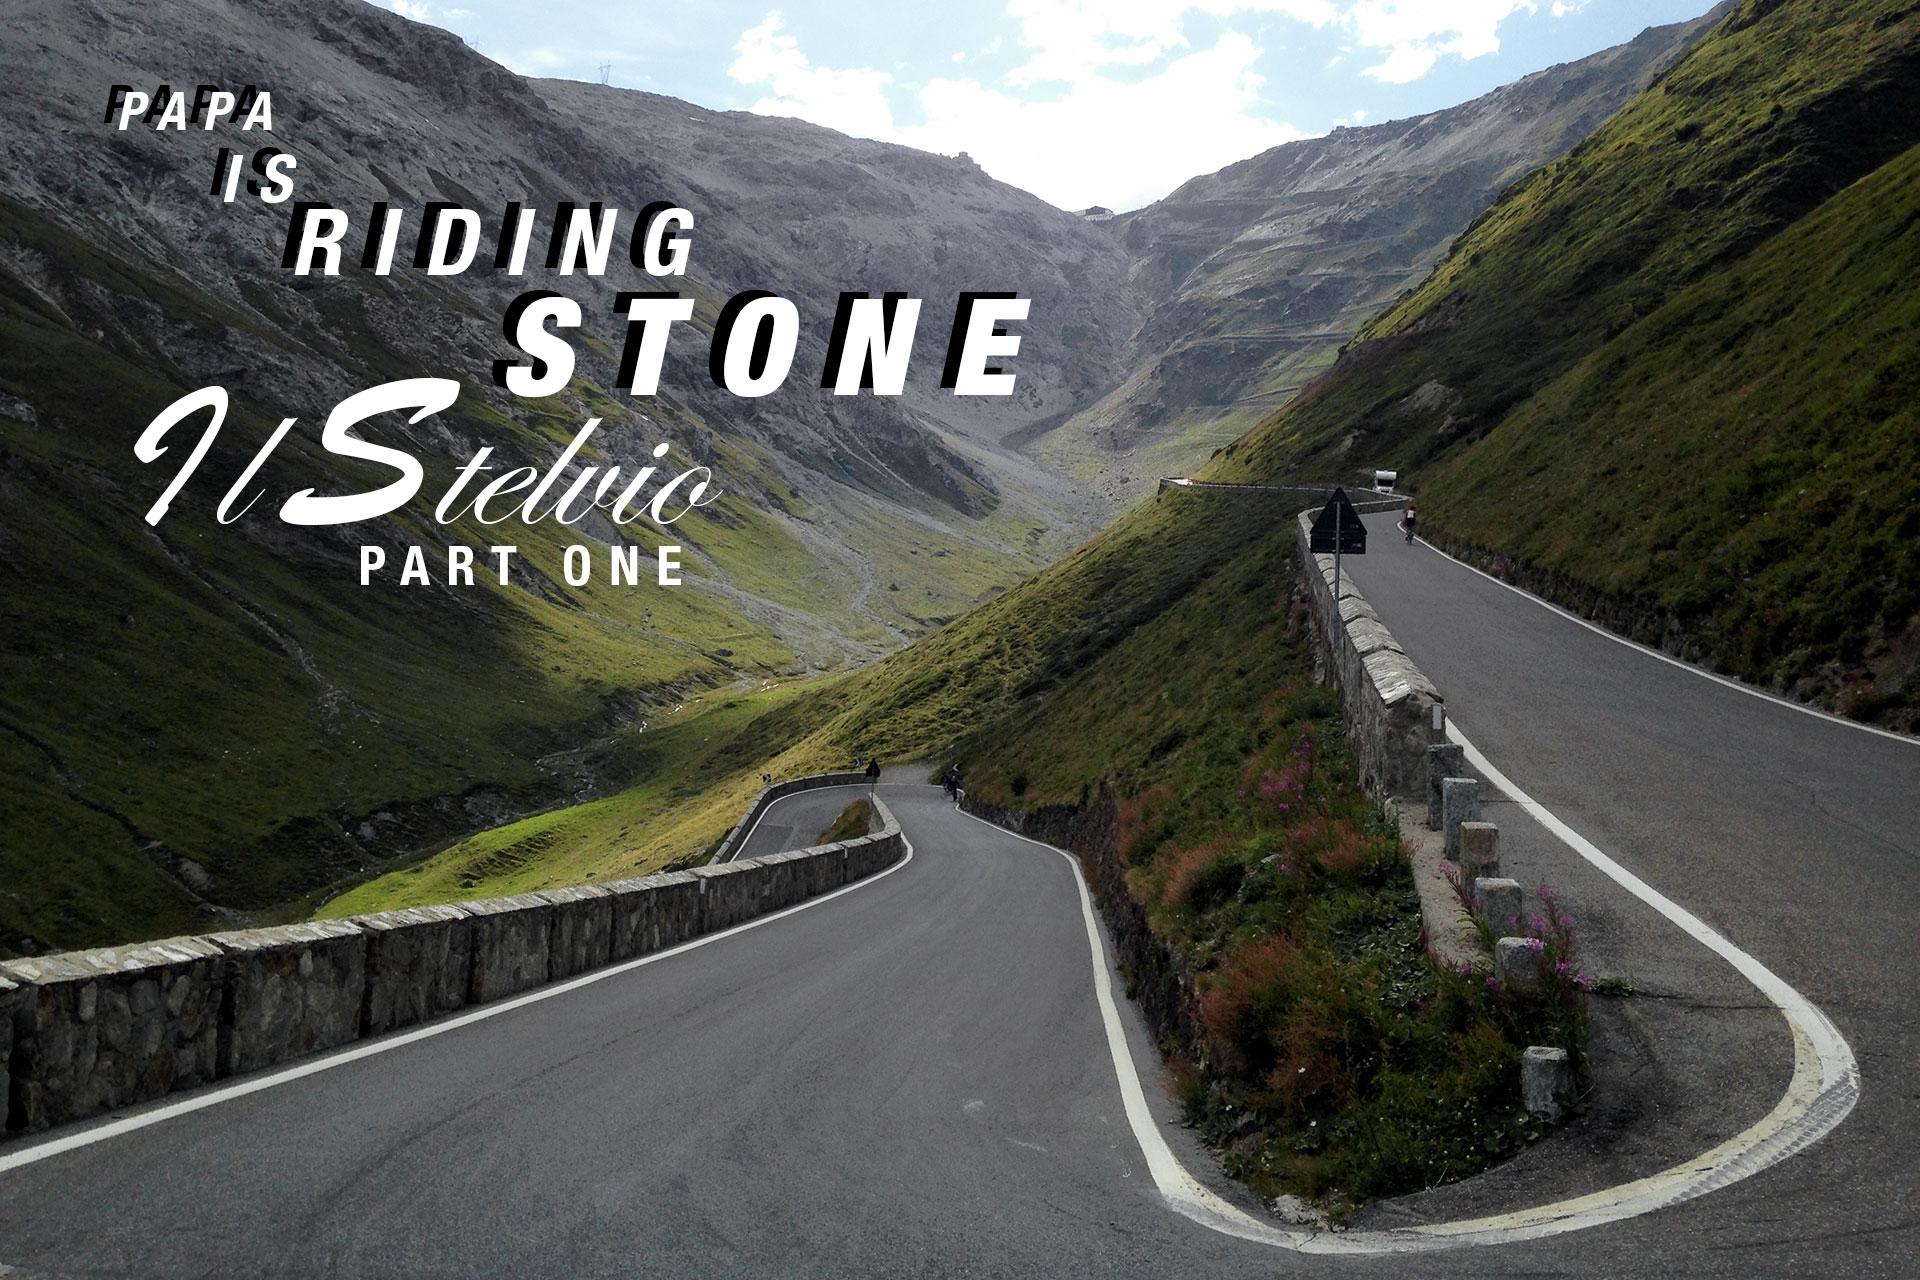 PAPA IS A RIDING STONE Mit dem Rennrad über Stelvio Sella und Valparolo PART 1 / TITEL Die Abfahrt über die Nordostrampe des Stilfser Joch hinunter nach Prad © stefandrexl.com